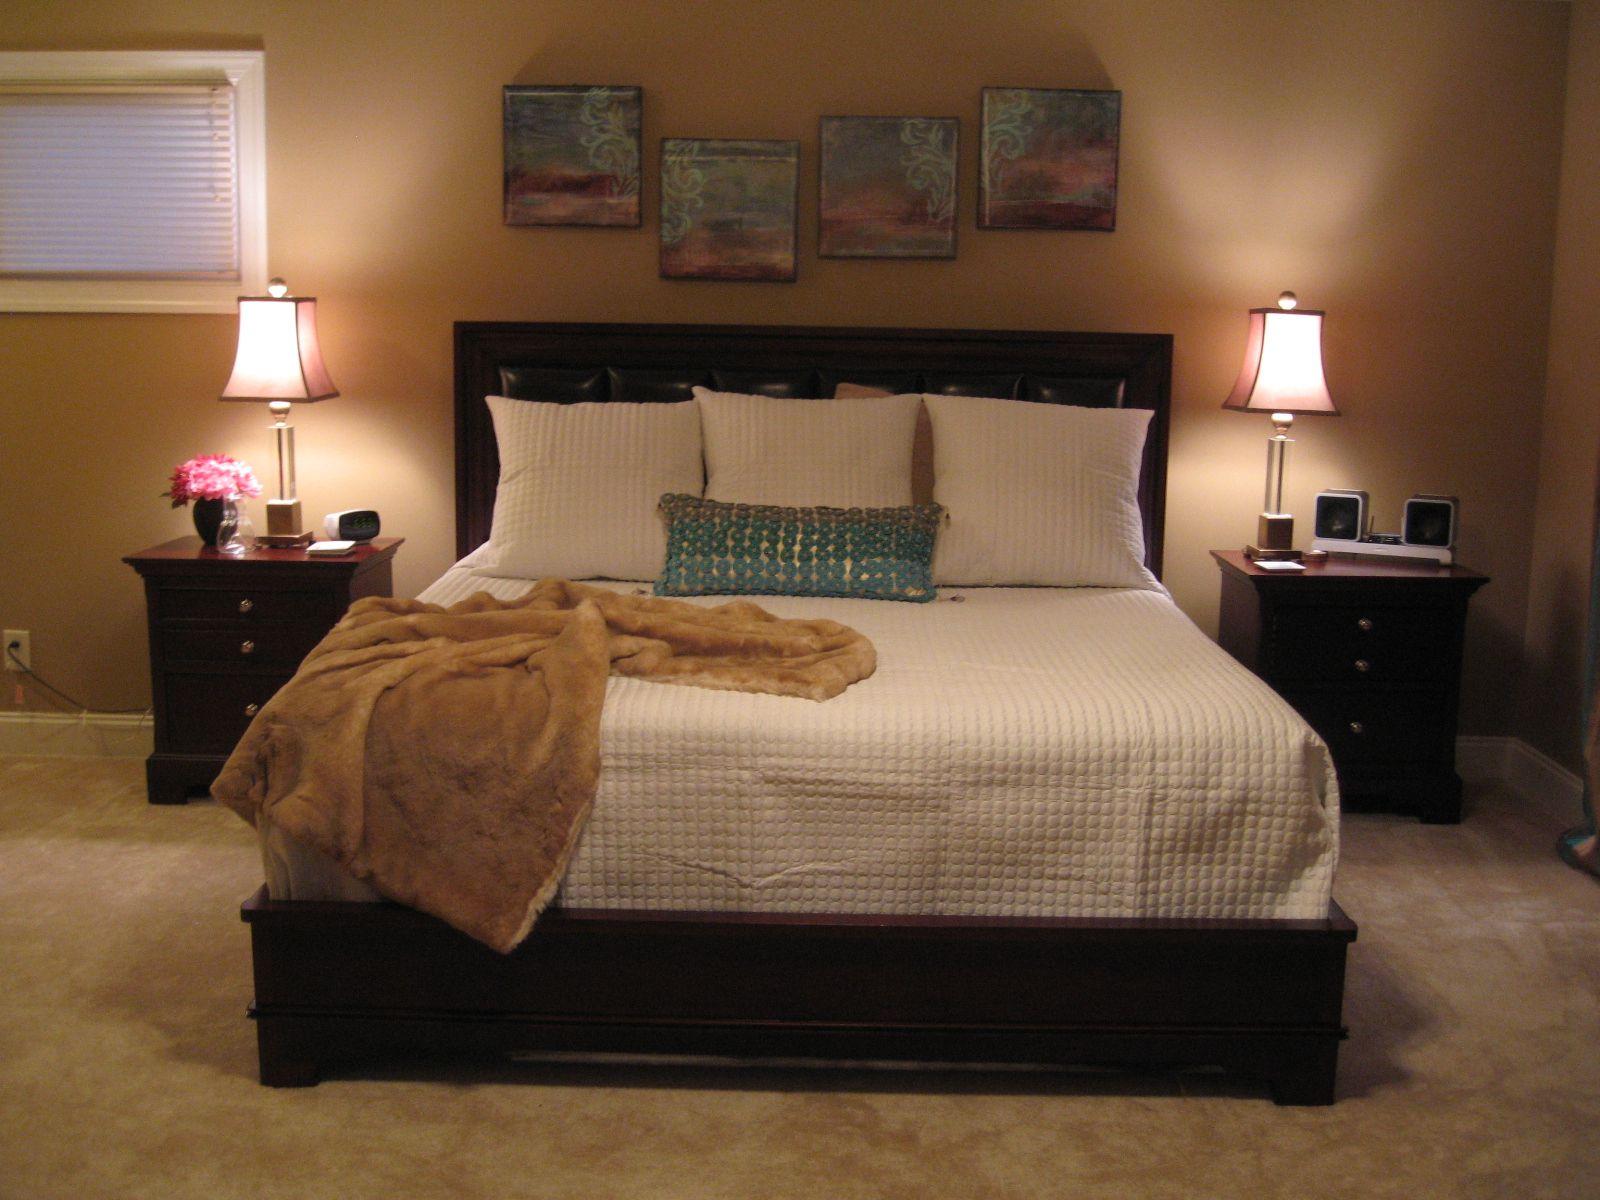 #Schlafzimmer 2018 21 Ideen Und Inspiration Für Schlafzimmer Kleiner Tisch  #Elternschlafzimmer #Design #